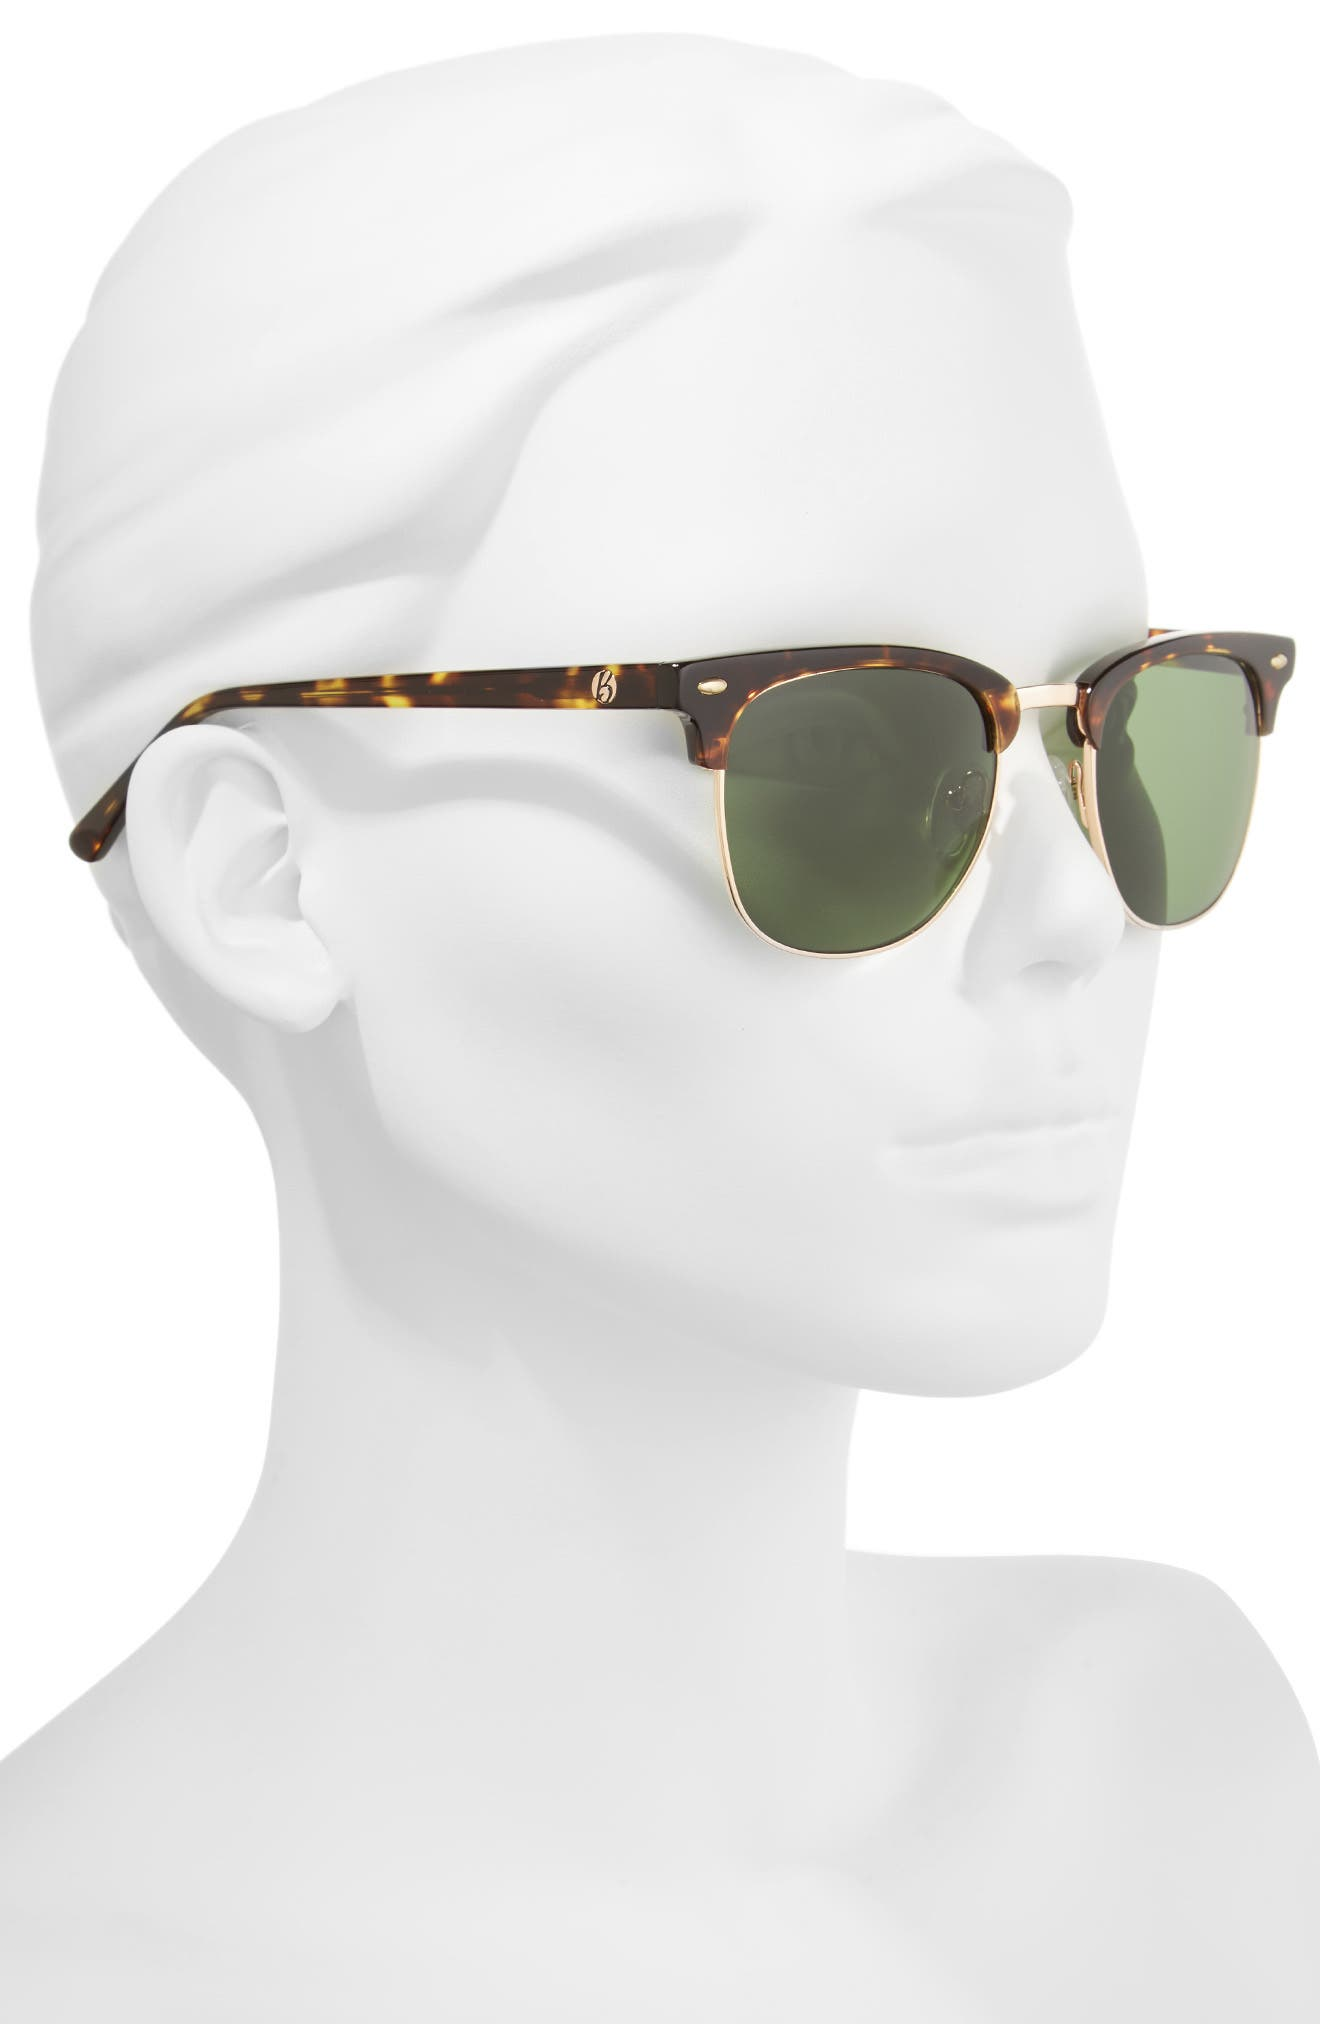 Copeland 51mm Sunglasses,                             Alternate thumbnail 2, color,                             Golden Tortoise/ Green